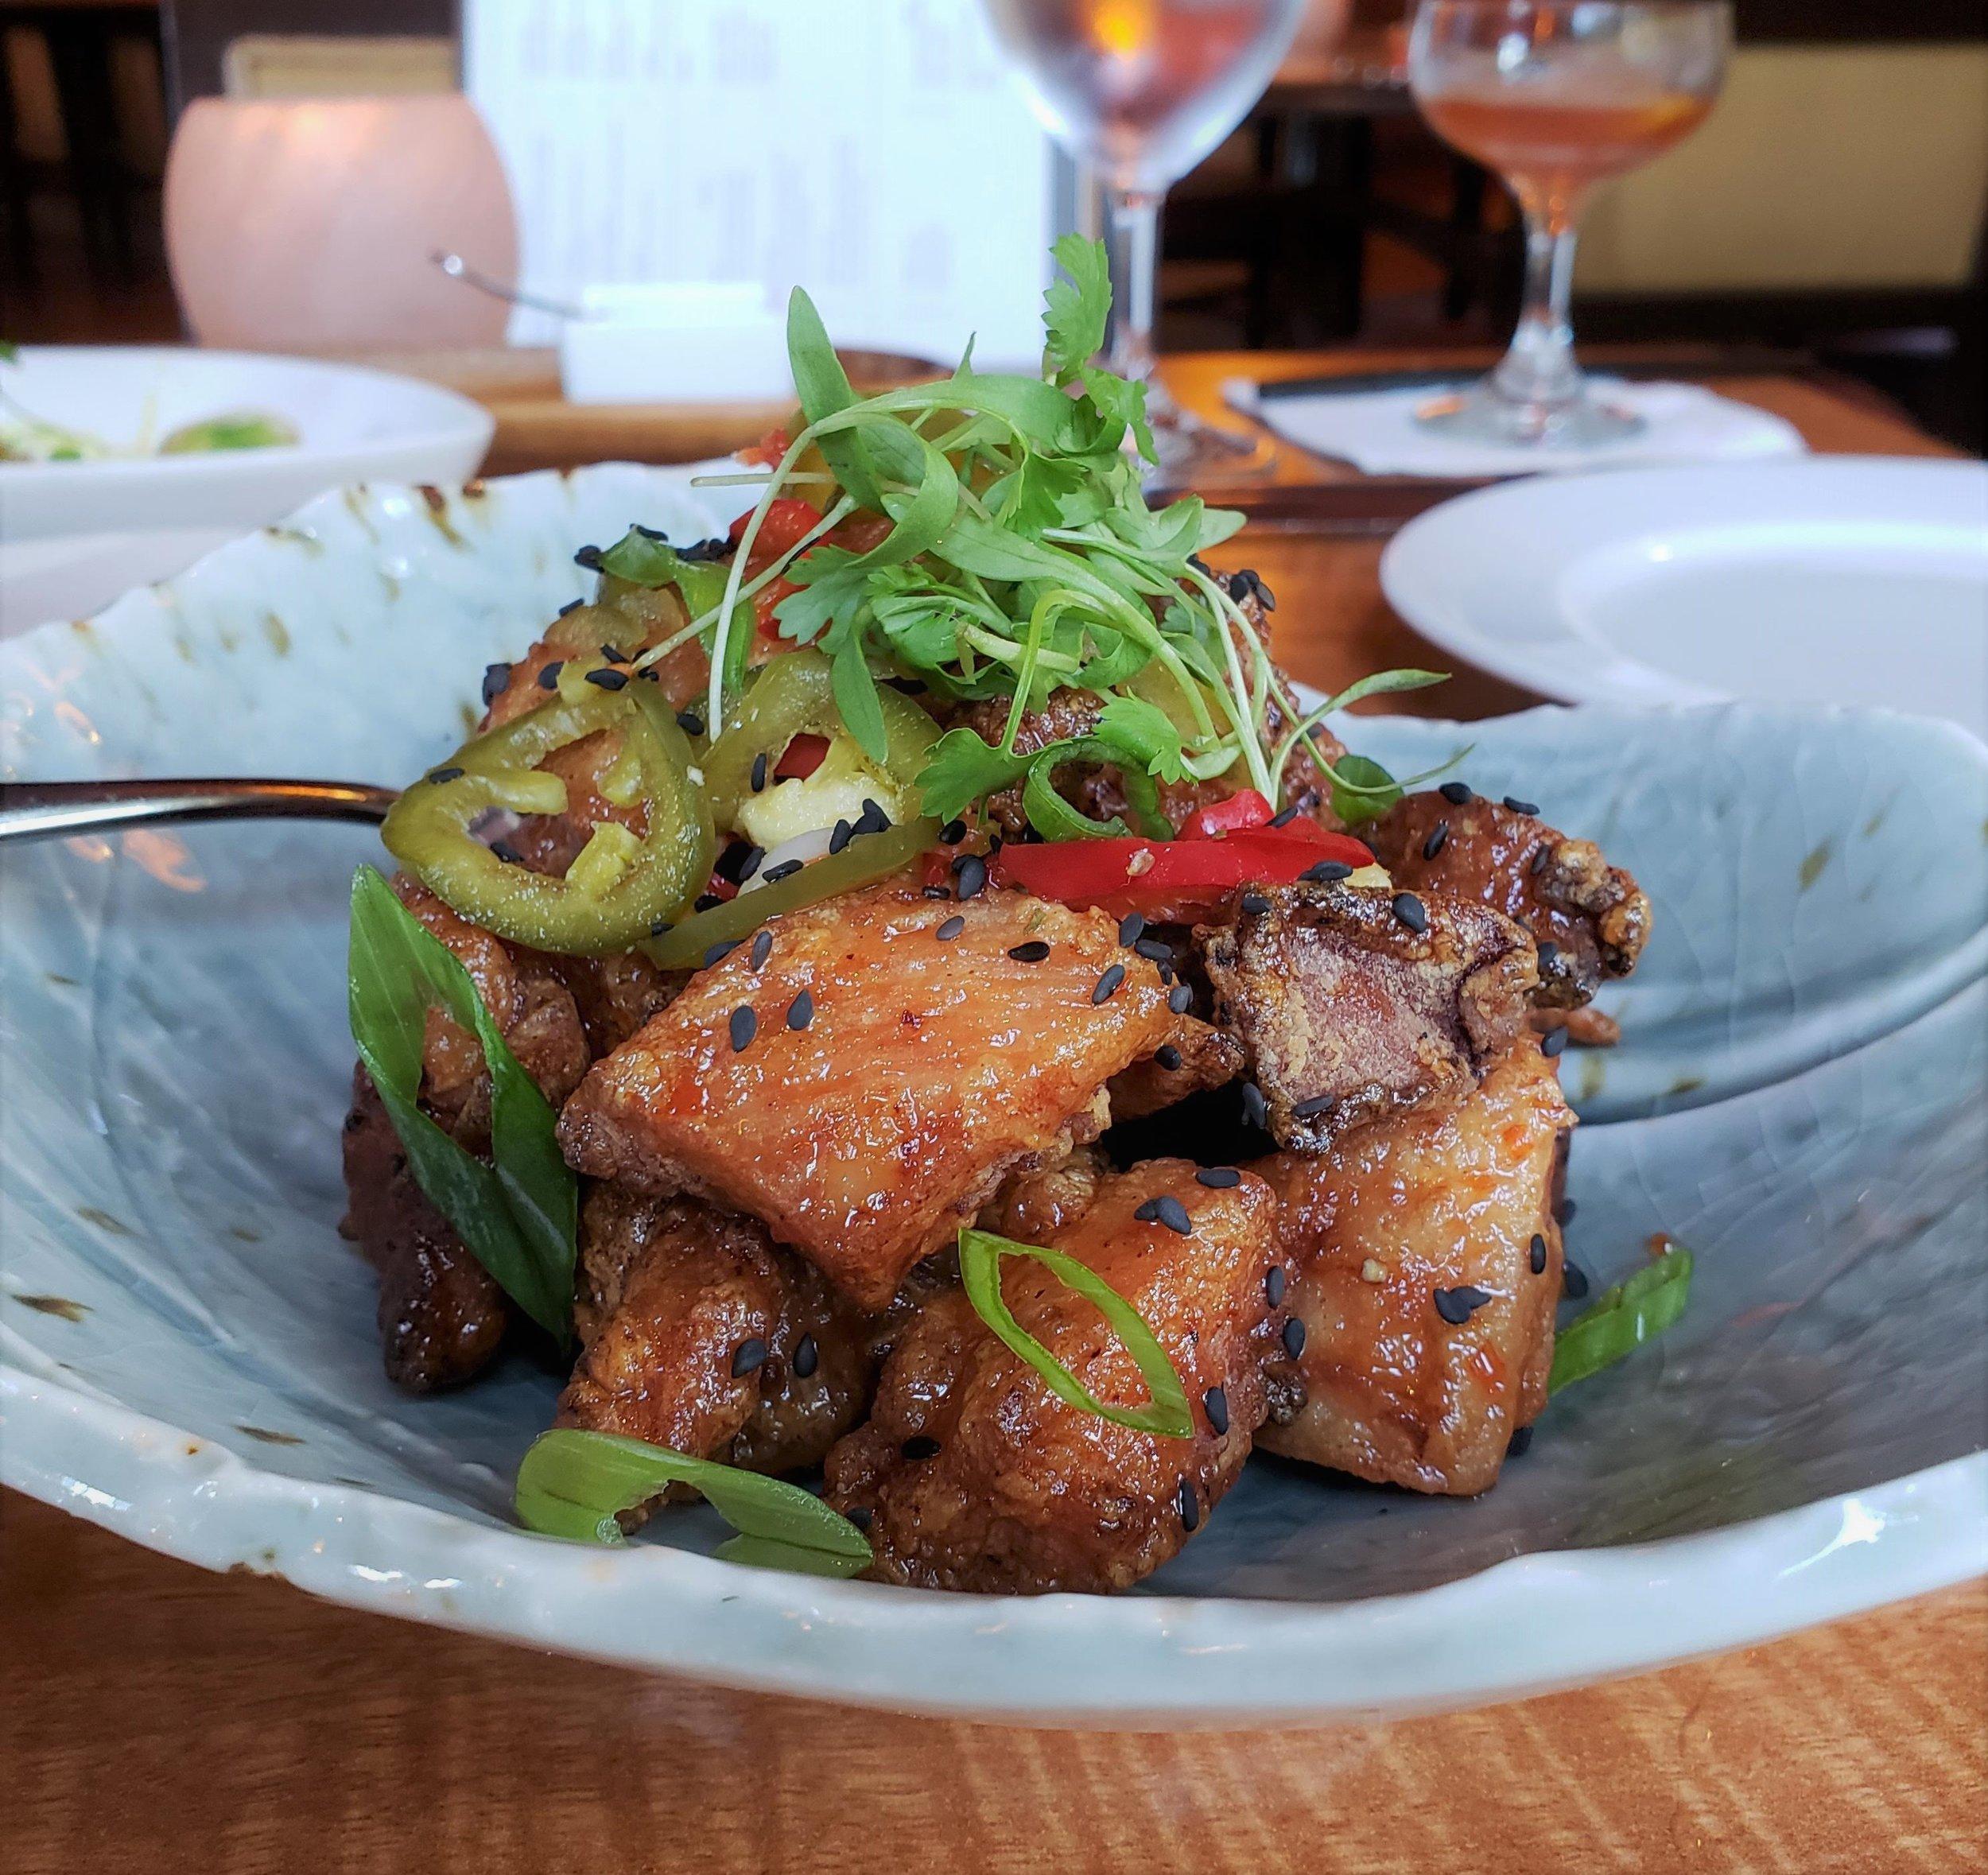 Peruvian fried chicken